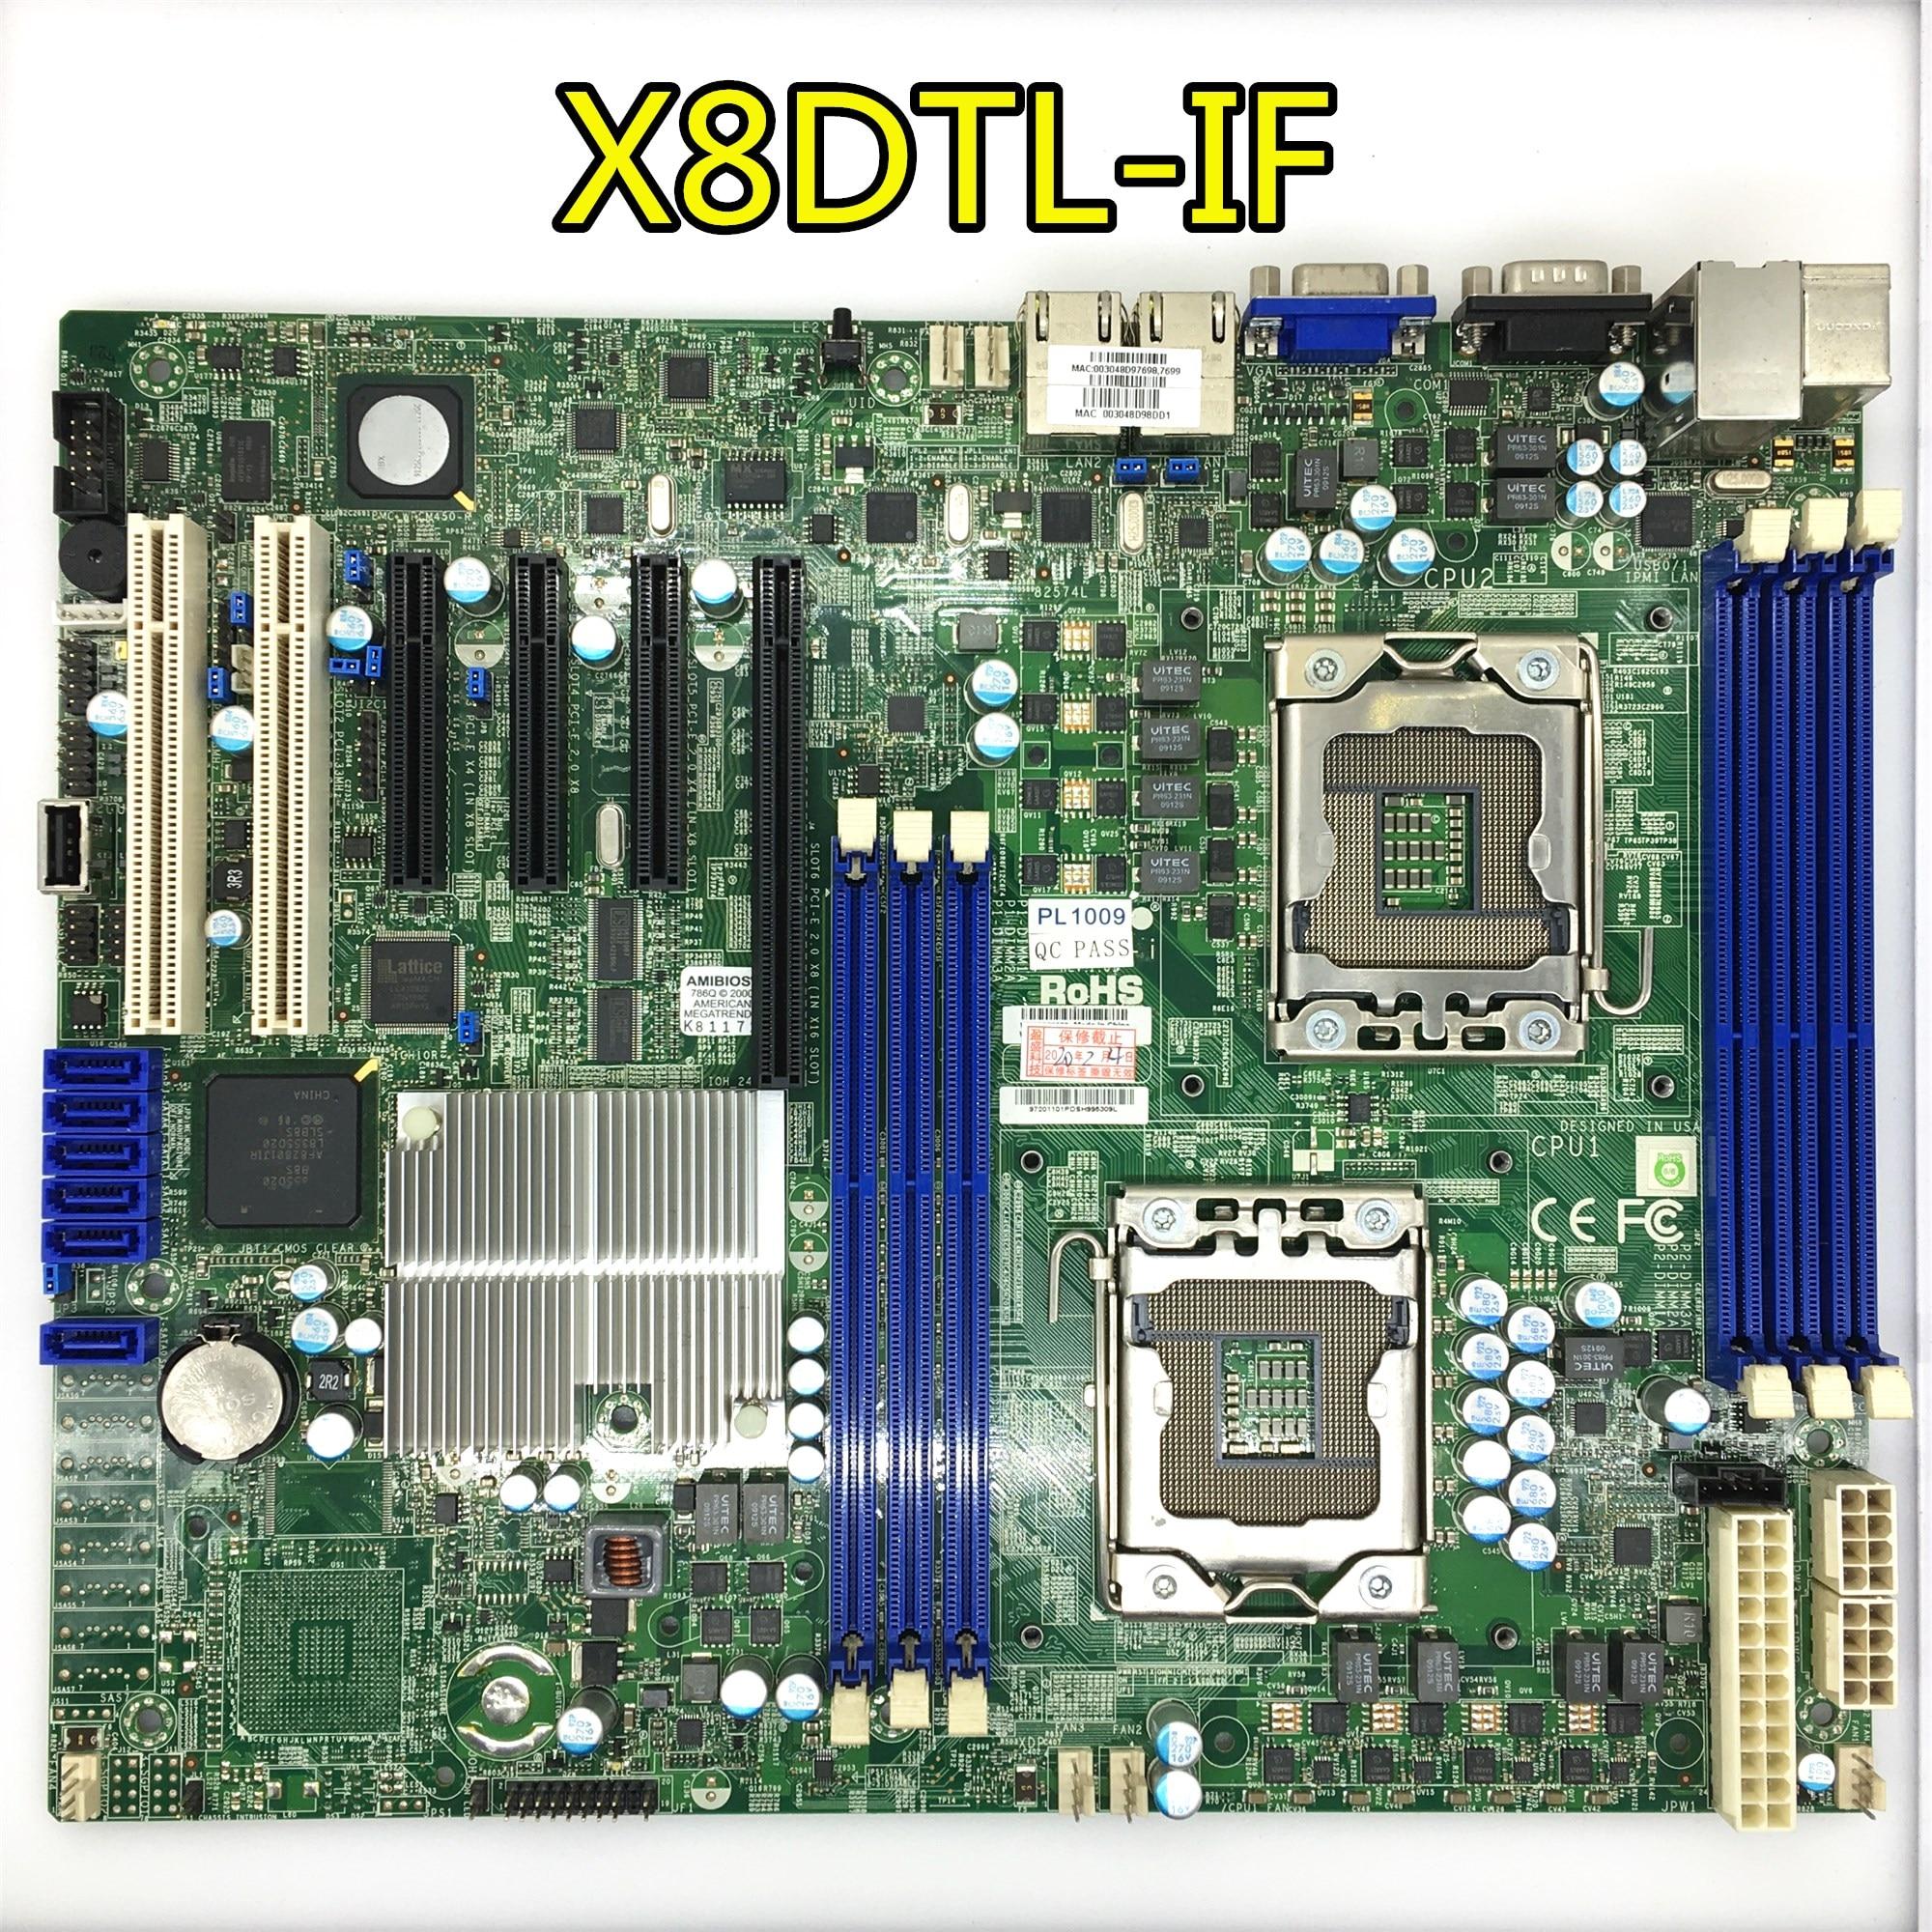 قبل شحنة اختبار ل سوبرمايكرو X8DTL-i/إذا الخادم الأصلي تستخدم اللوحة